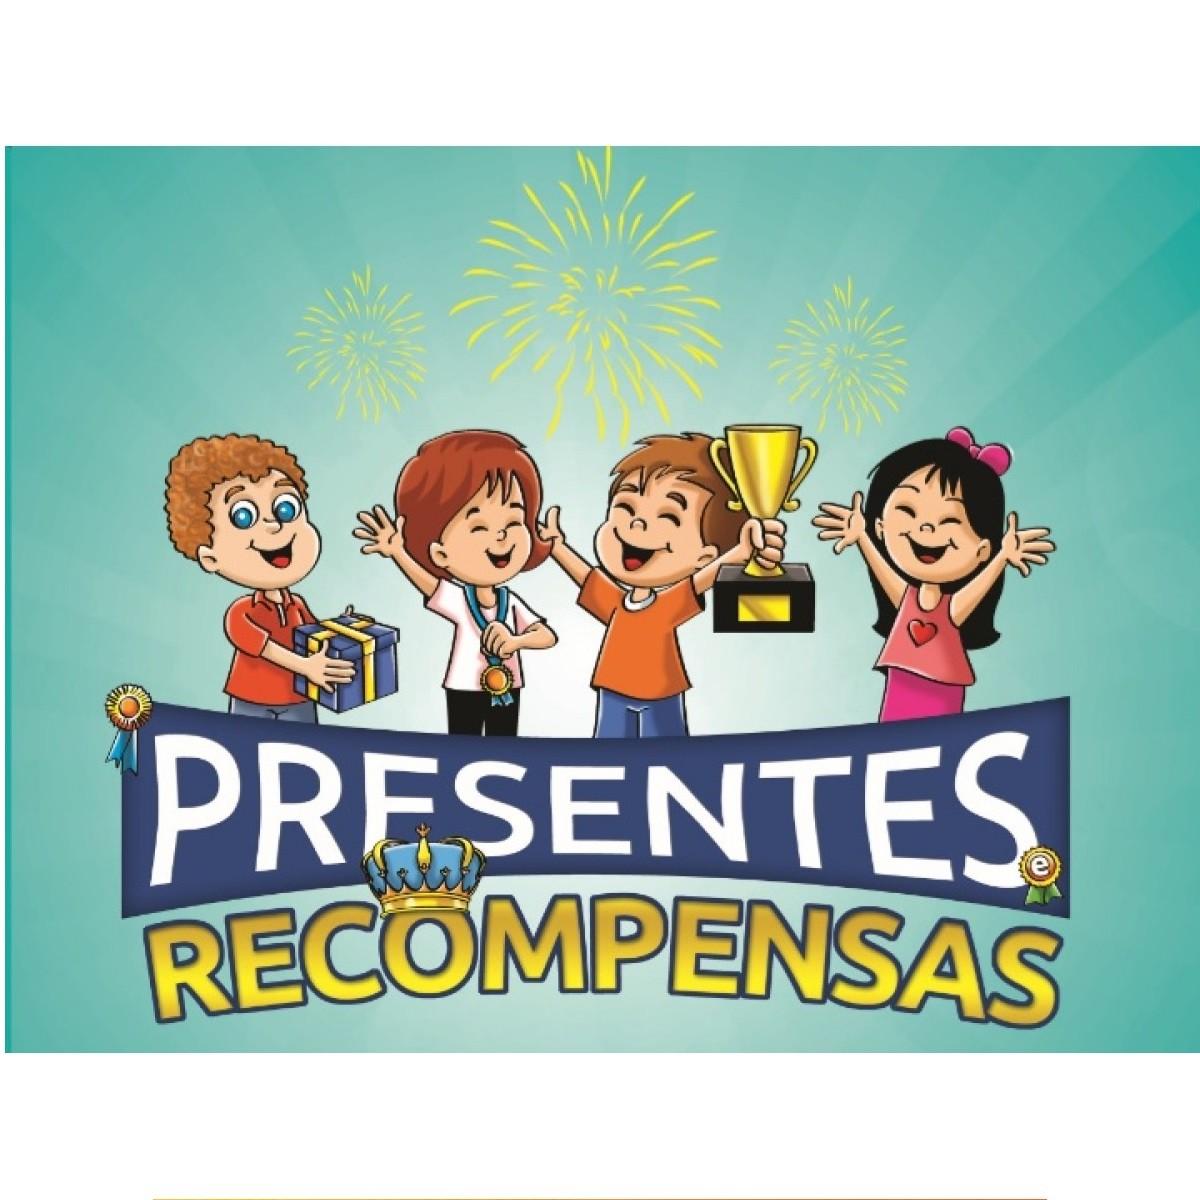 EBF Presentes E Recompensas